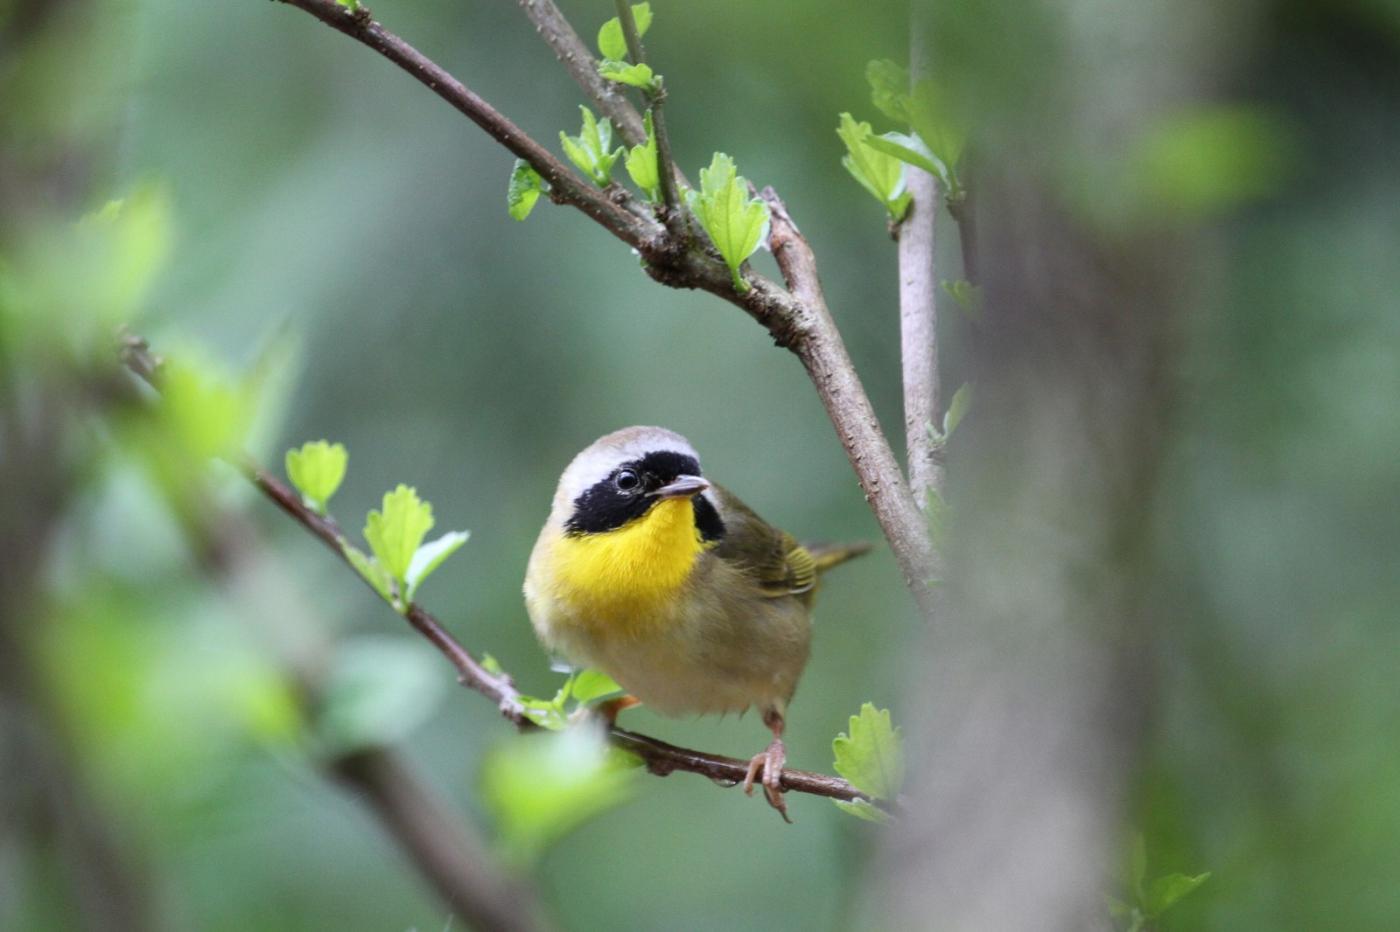 【田螺摄影】雨后窗外的小黄鸟_图1-2